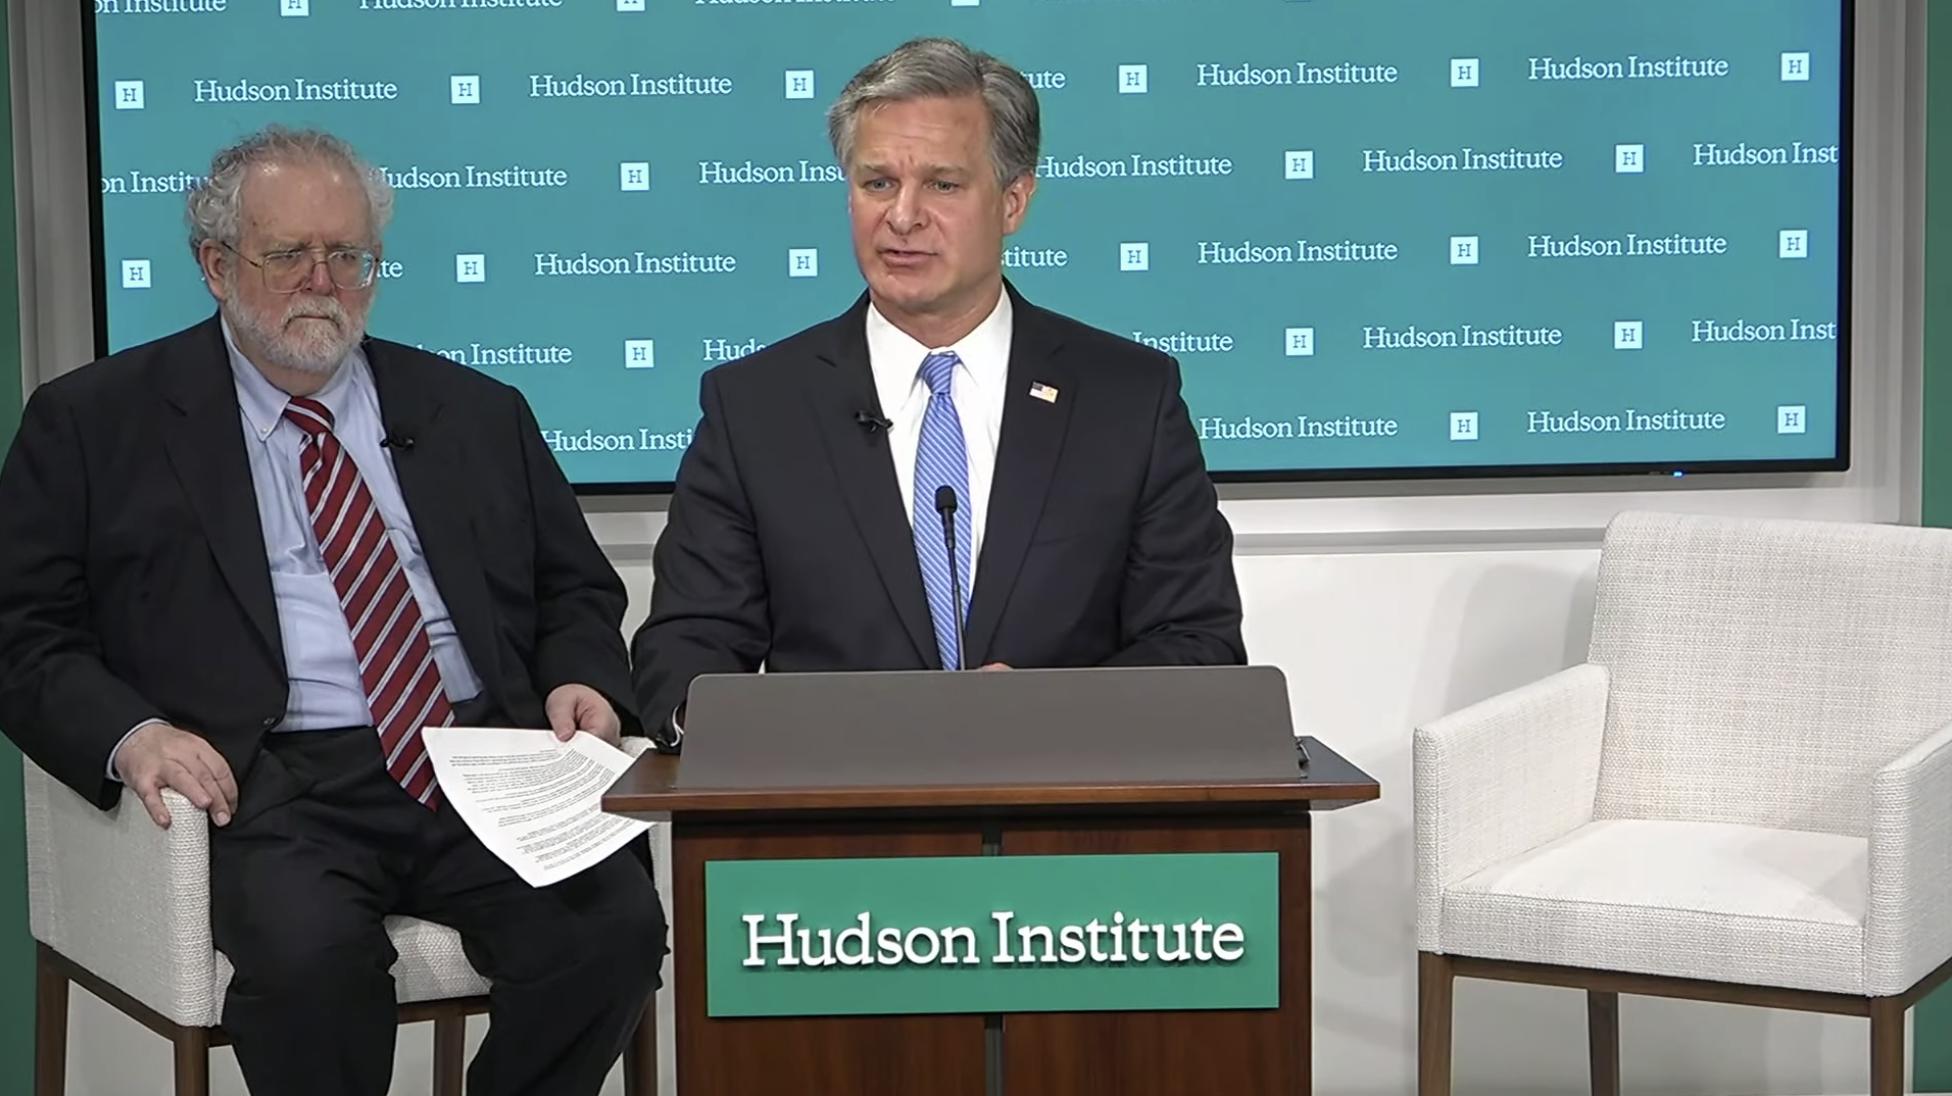 2020年7月7日,美國華盛頓智囊哈德遜研究所就中共試圖滲透影響美國舉辦討論會。(影片截圖)